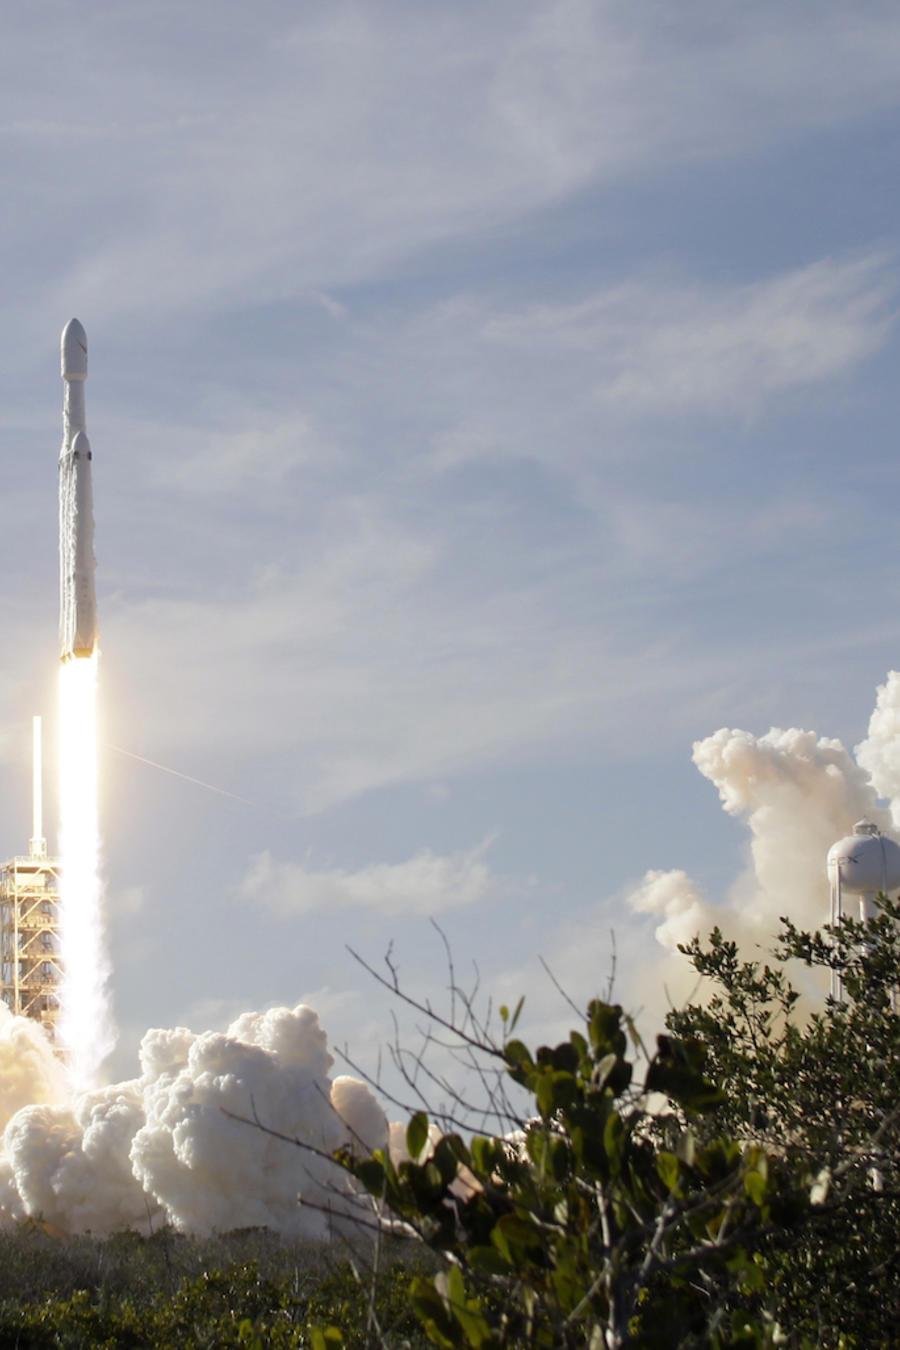 Un cohete Falcon 9 de la compañía SpaceX heavy en Cabo Cañaveral, Florida, el 6 de febrero de 2018.